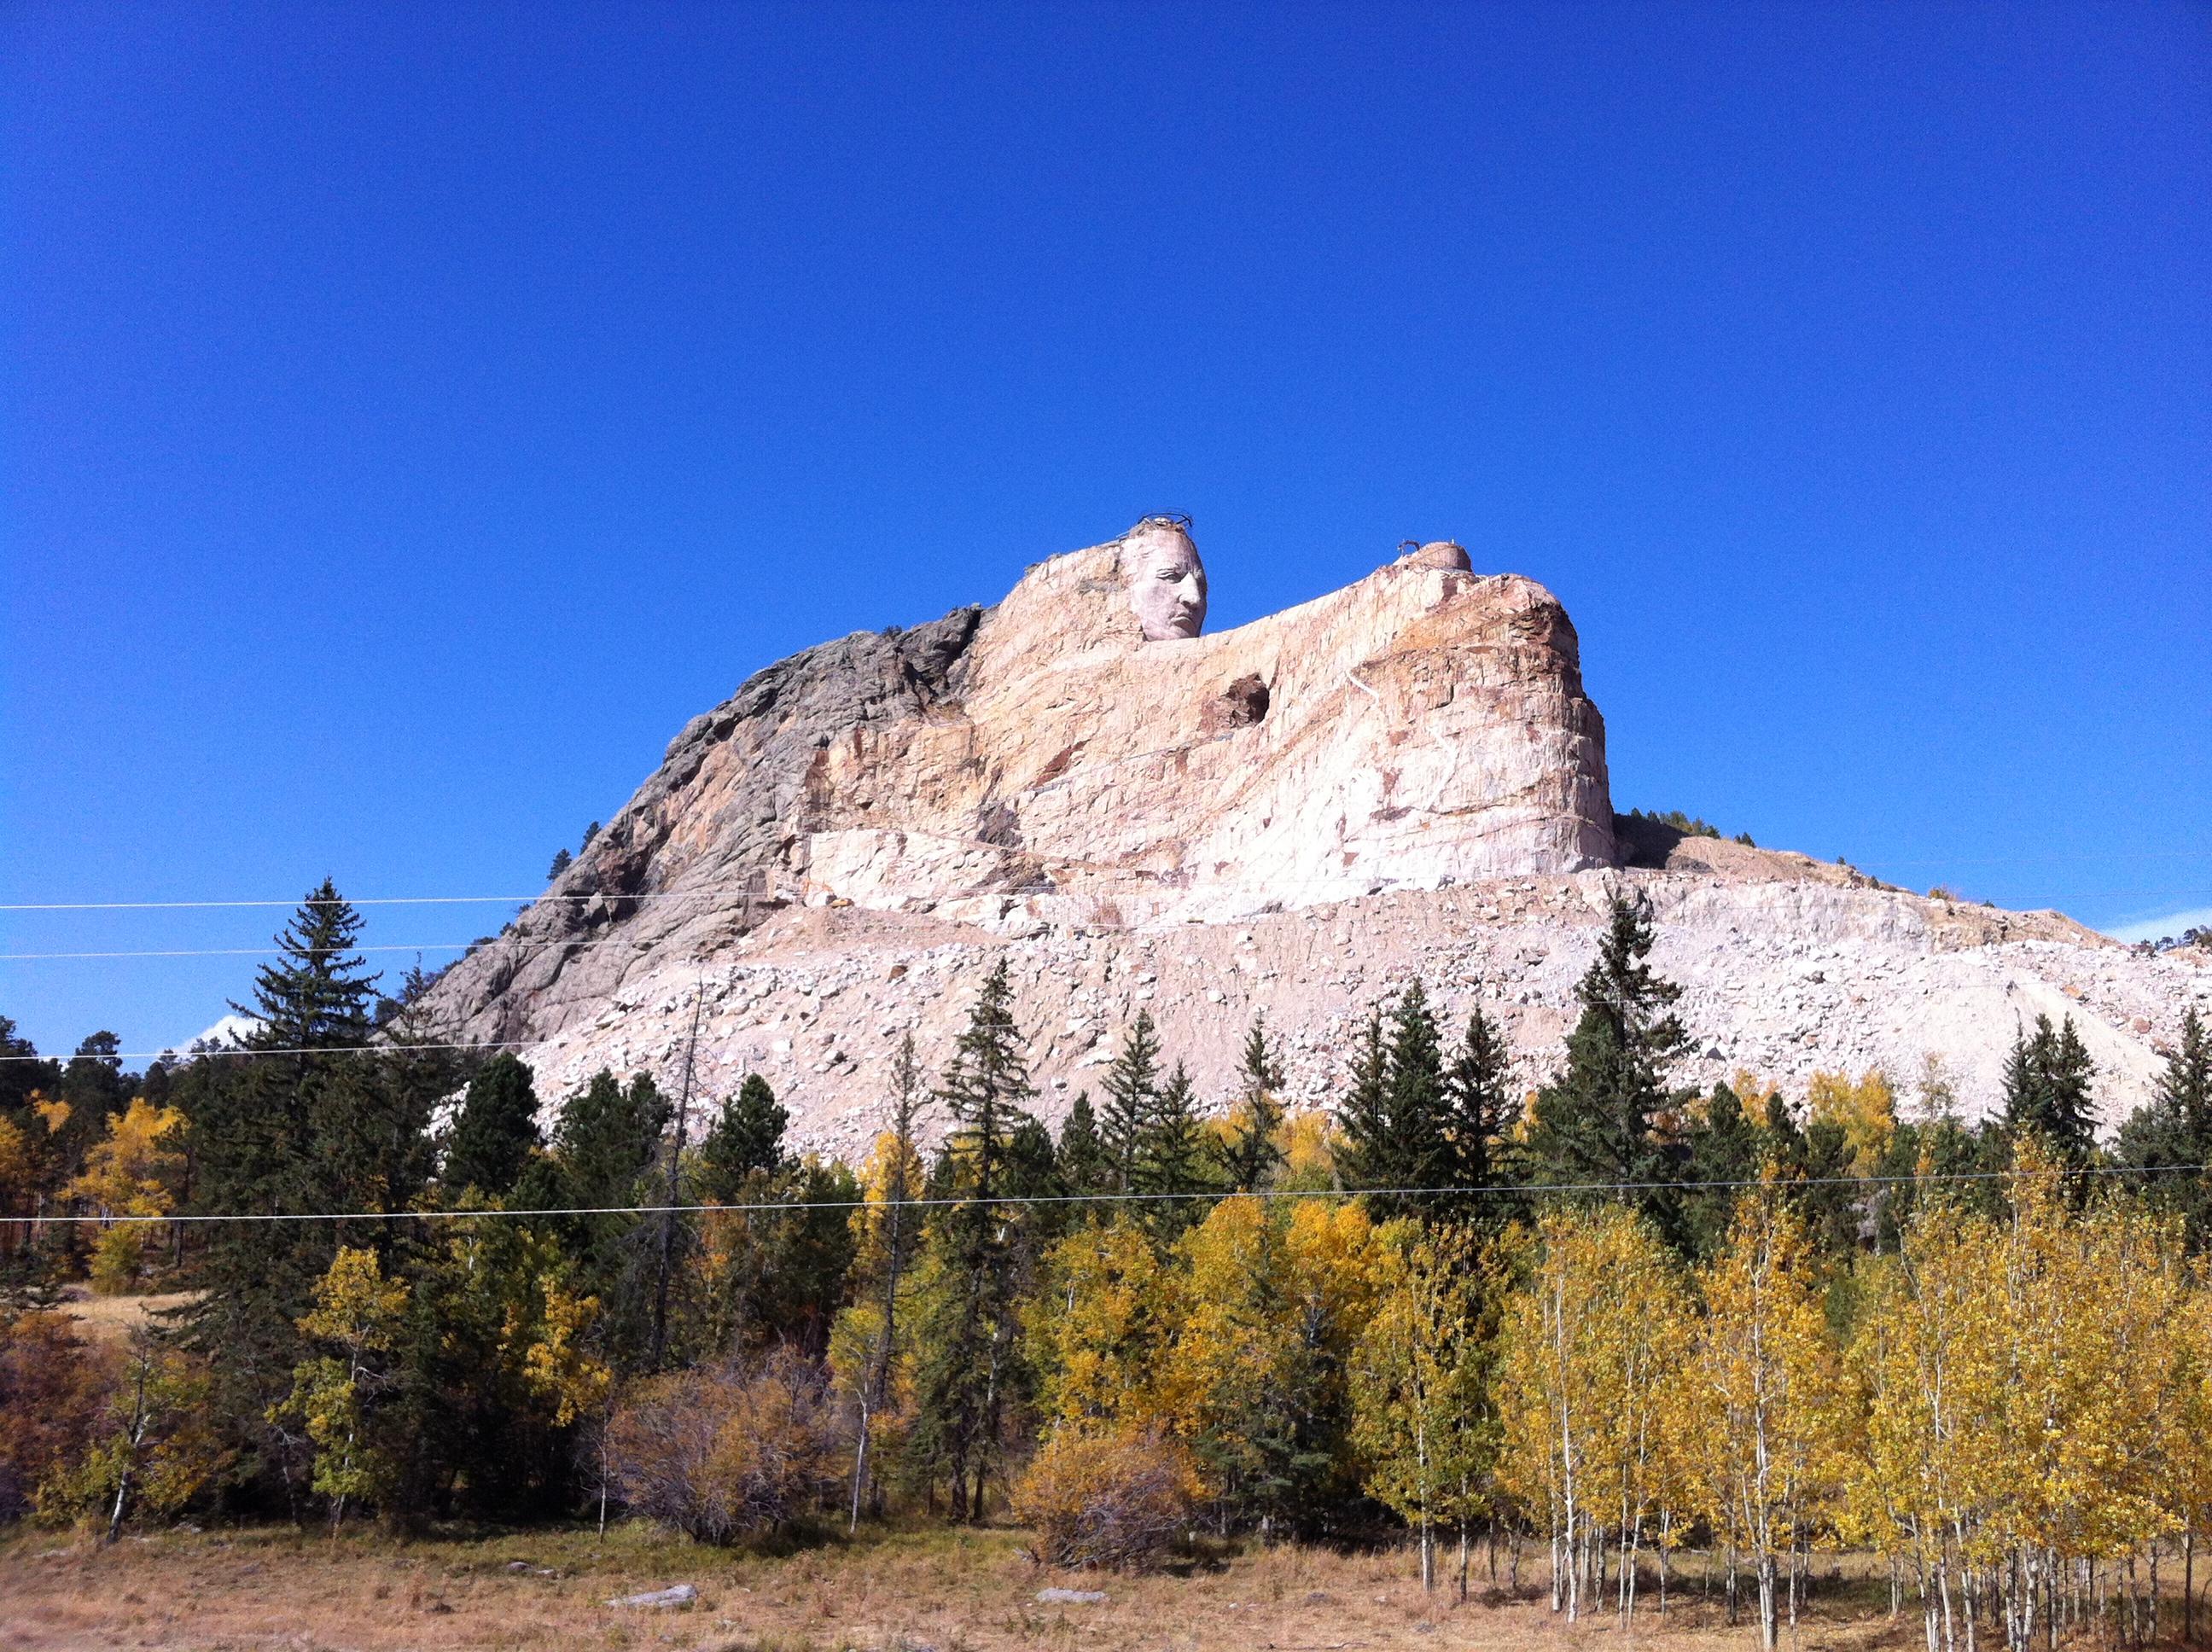 State 26 South Dakota 2012 Run Crazy Horse Marathon